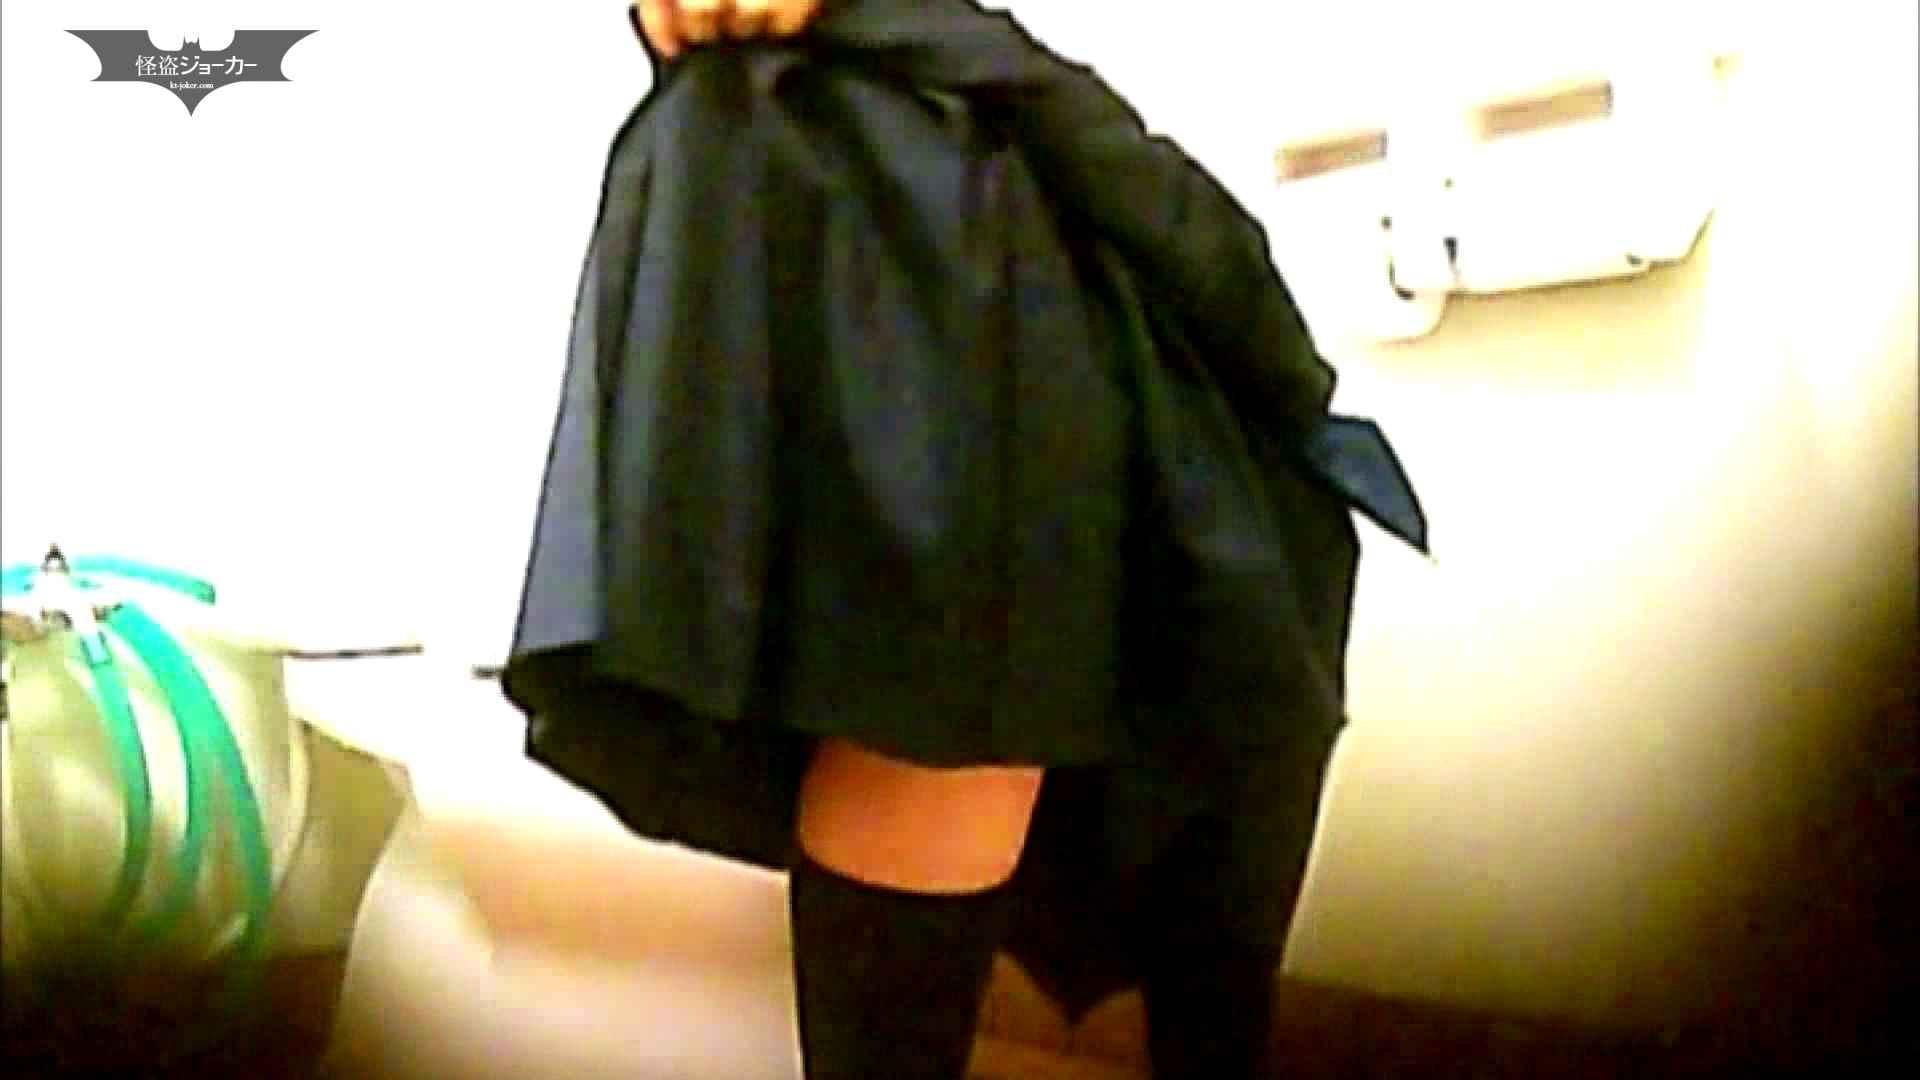 店長代理の盗撮録 Vol.02 制服ばかりをあつめてみました。その2 OL | 盗撮エロすぎ  86連発 51